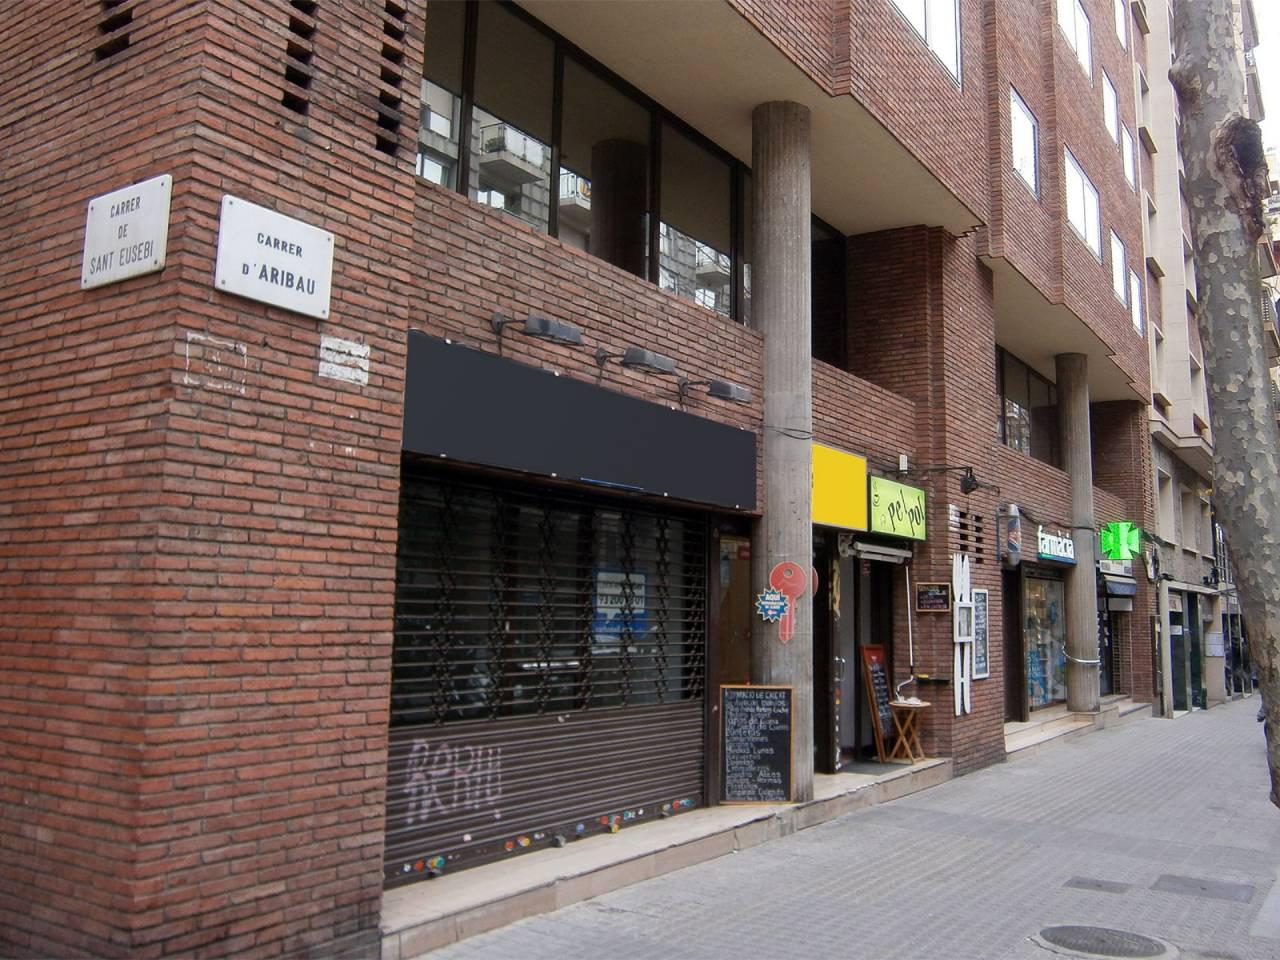 Local comercial en alquiler Sarrià - Sant Gervasi (Barcelona Capital)